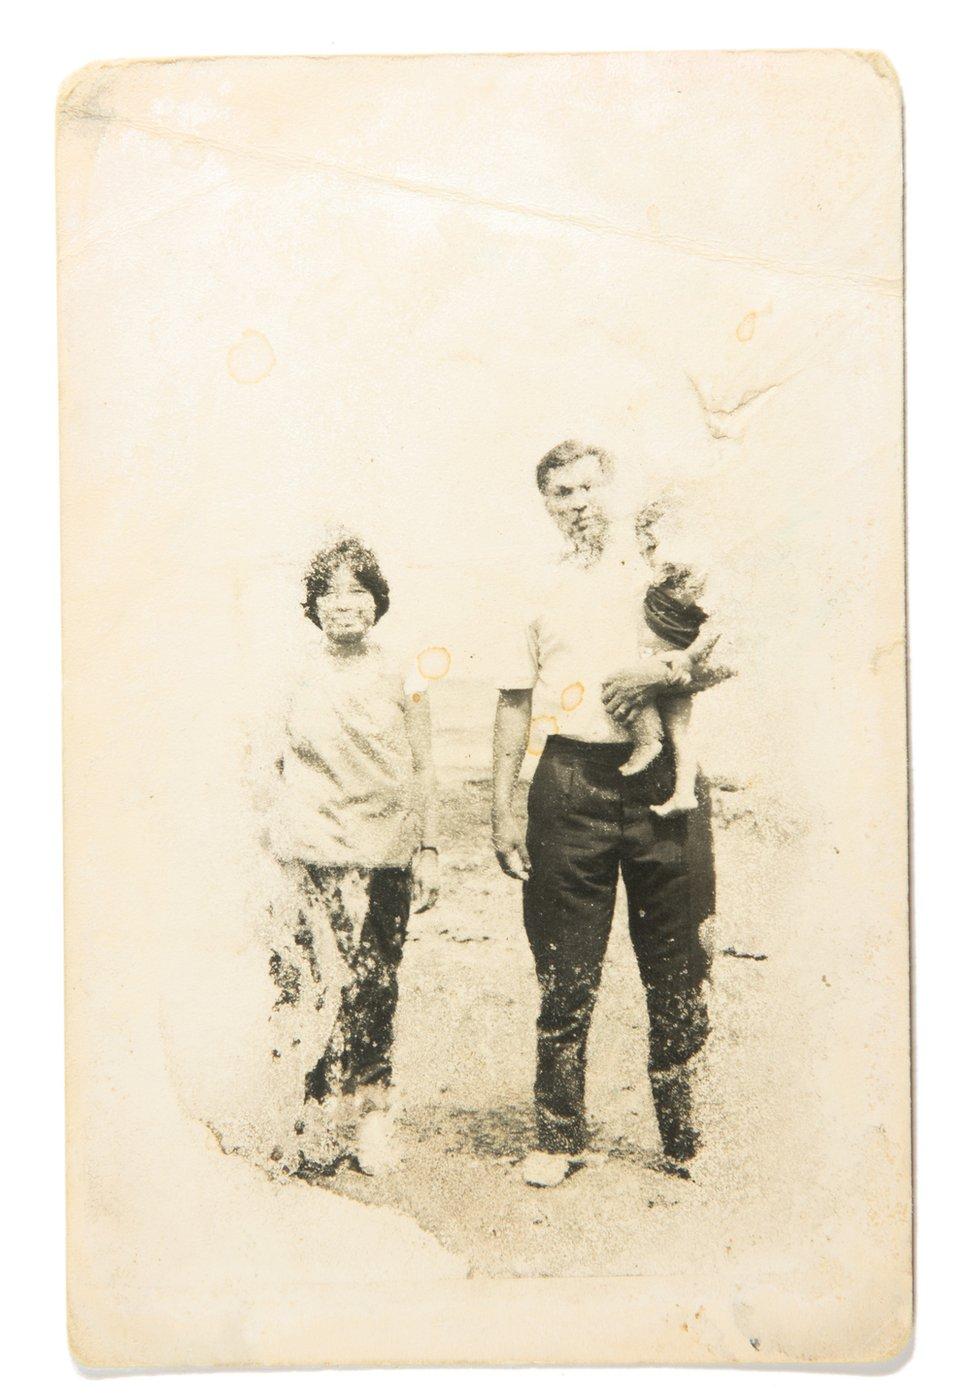 Roditelji Vire i Sundarama